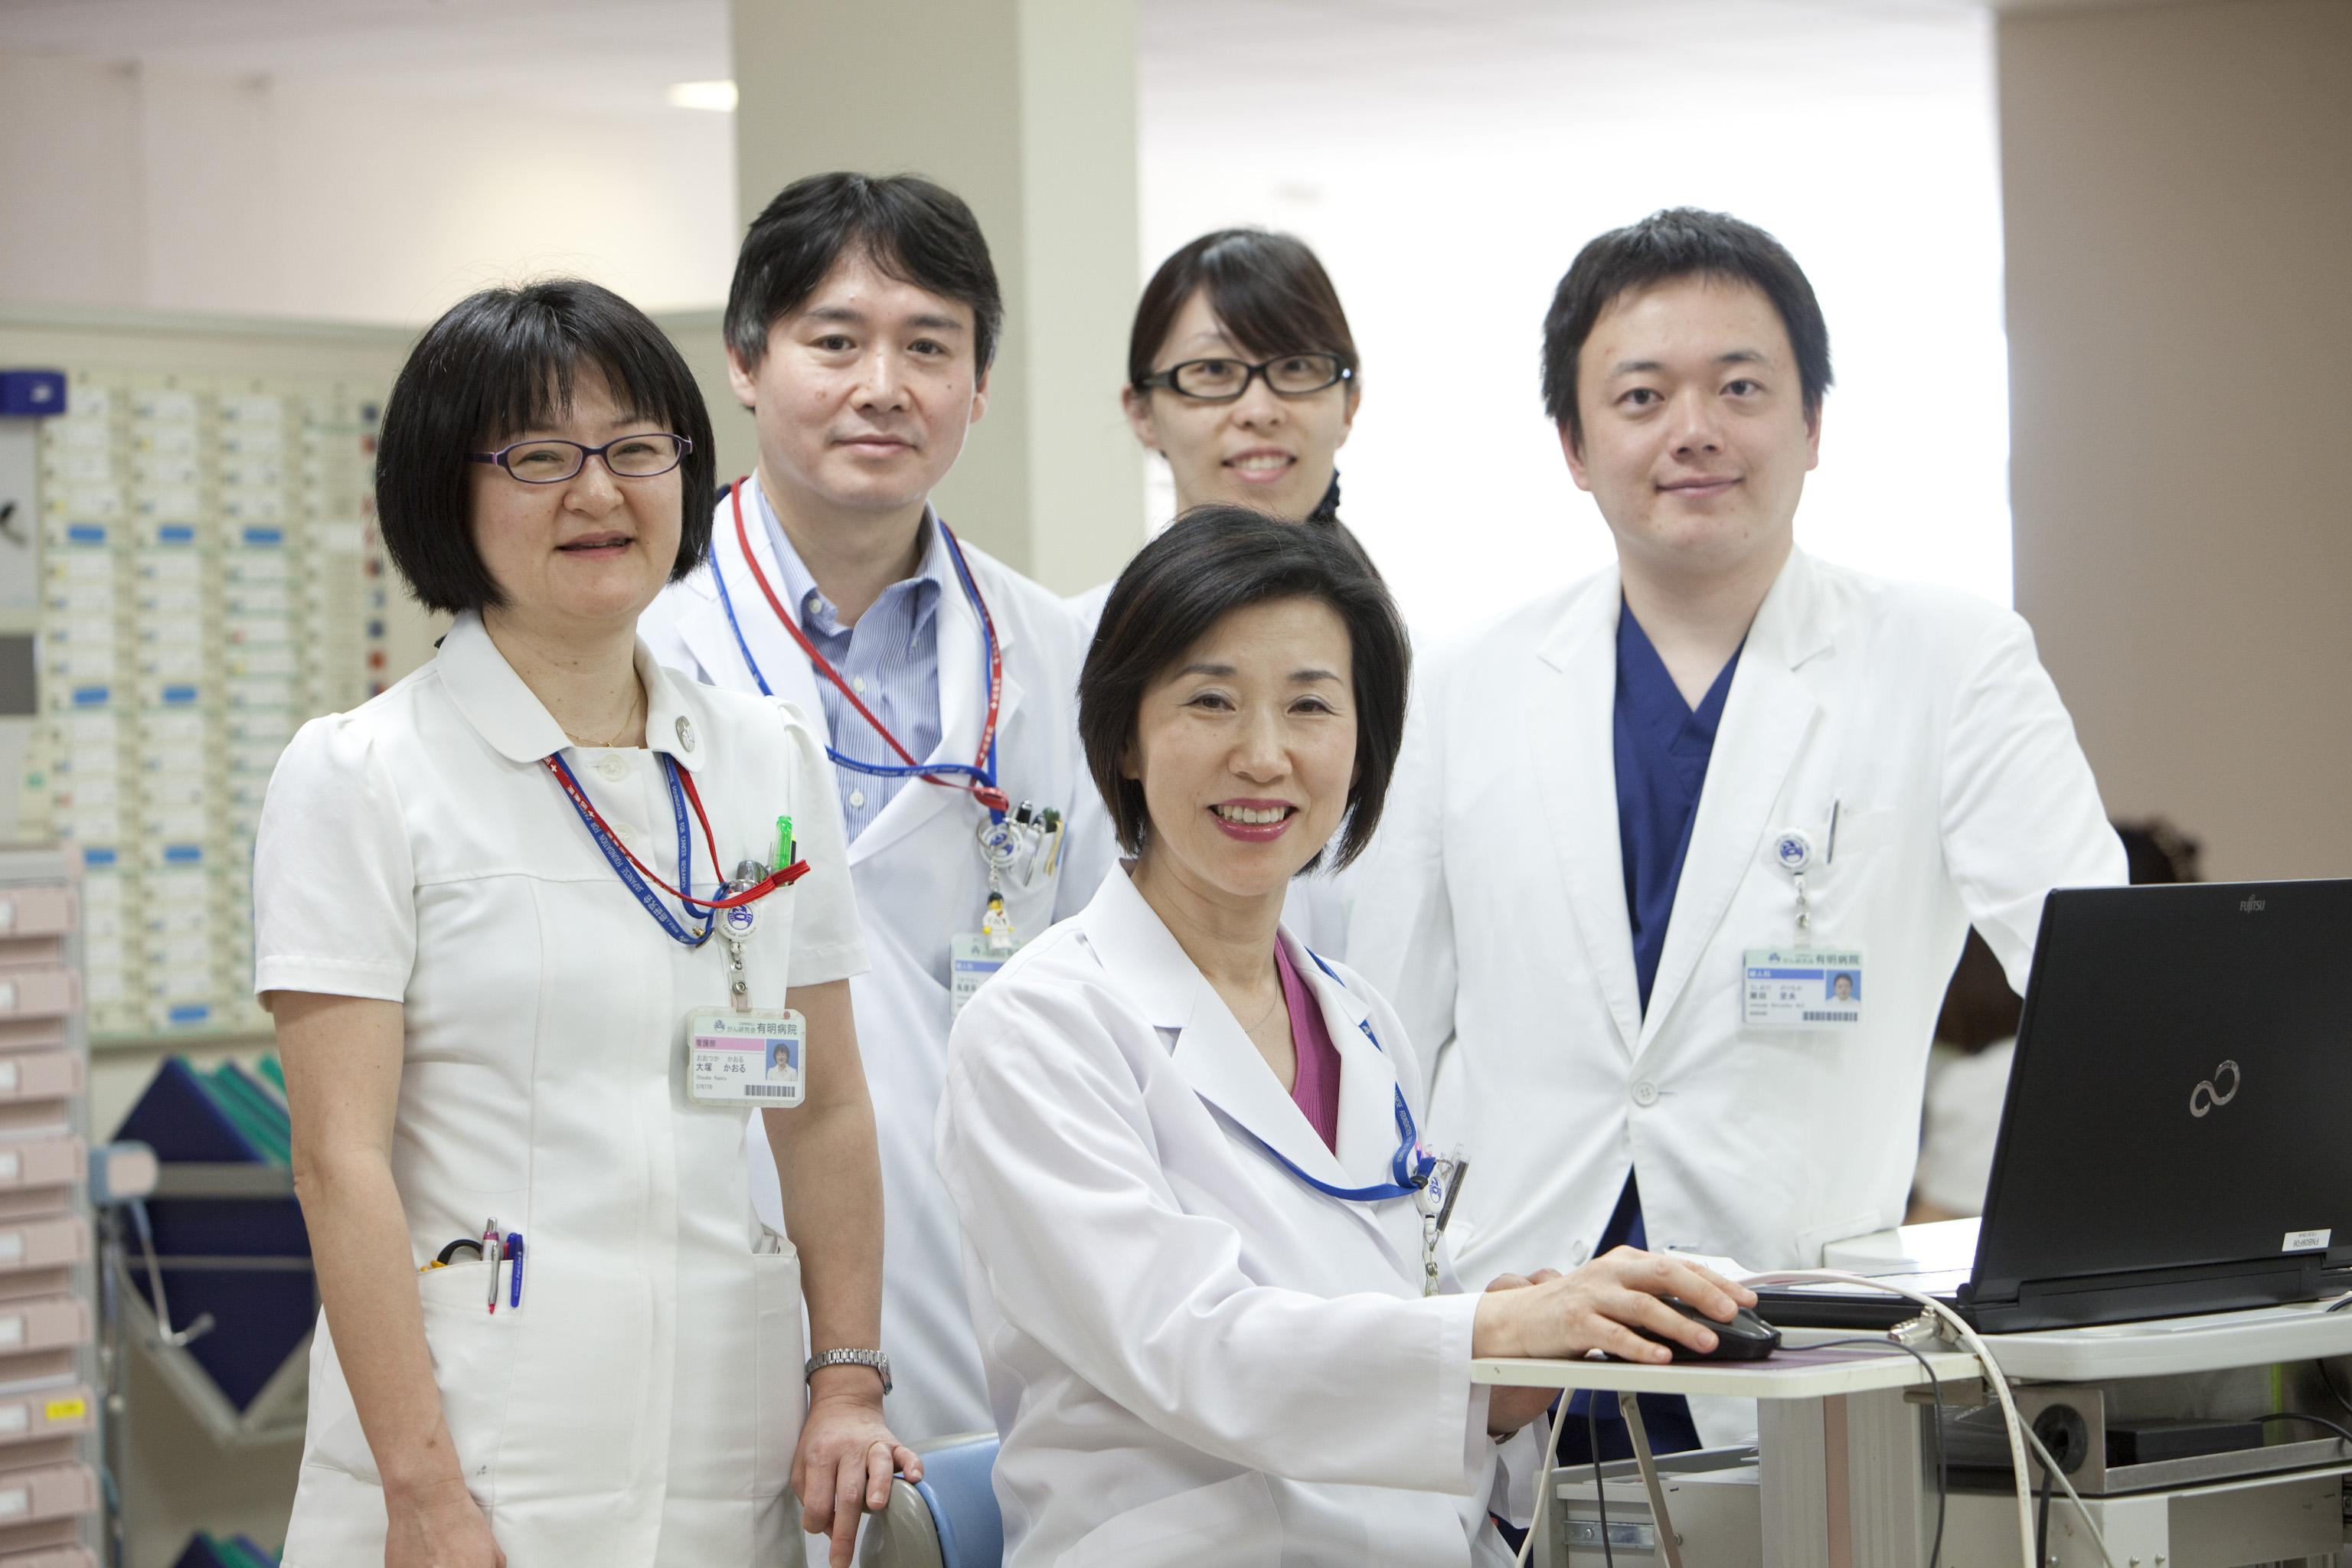 cancer institute staff